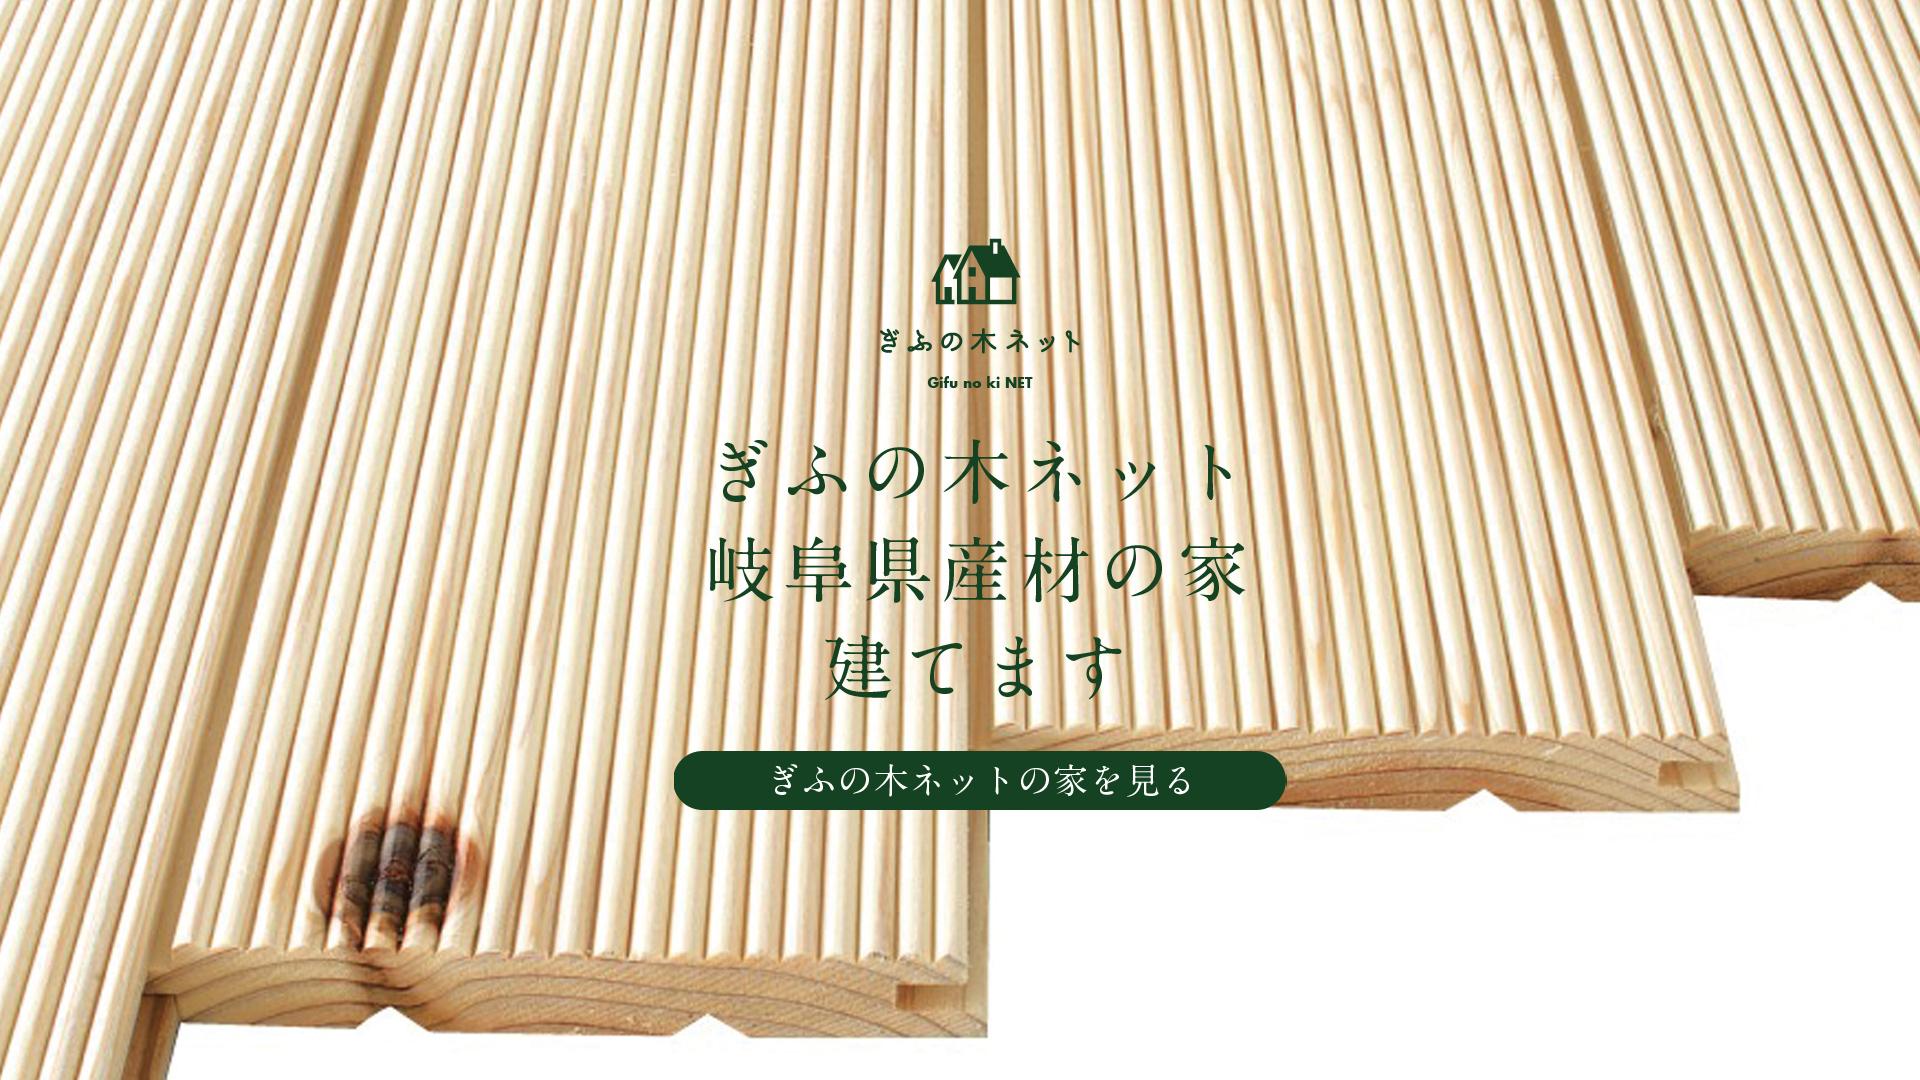 ぎふの木ネットは岐阜県産材の家を建てます